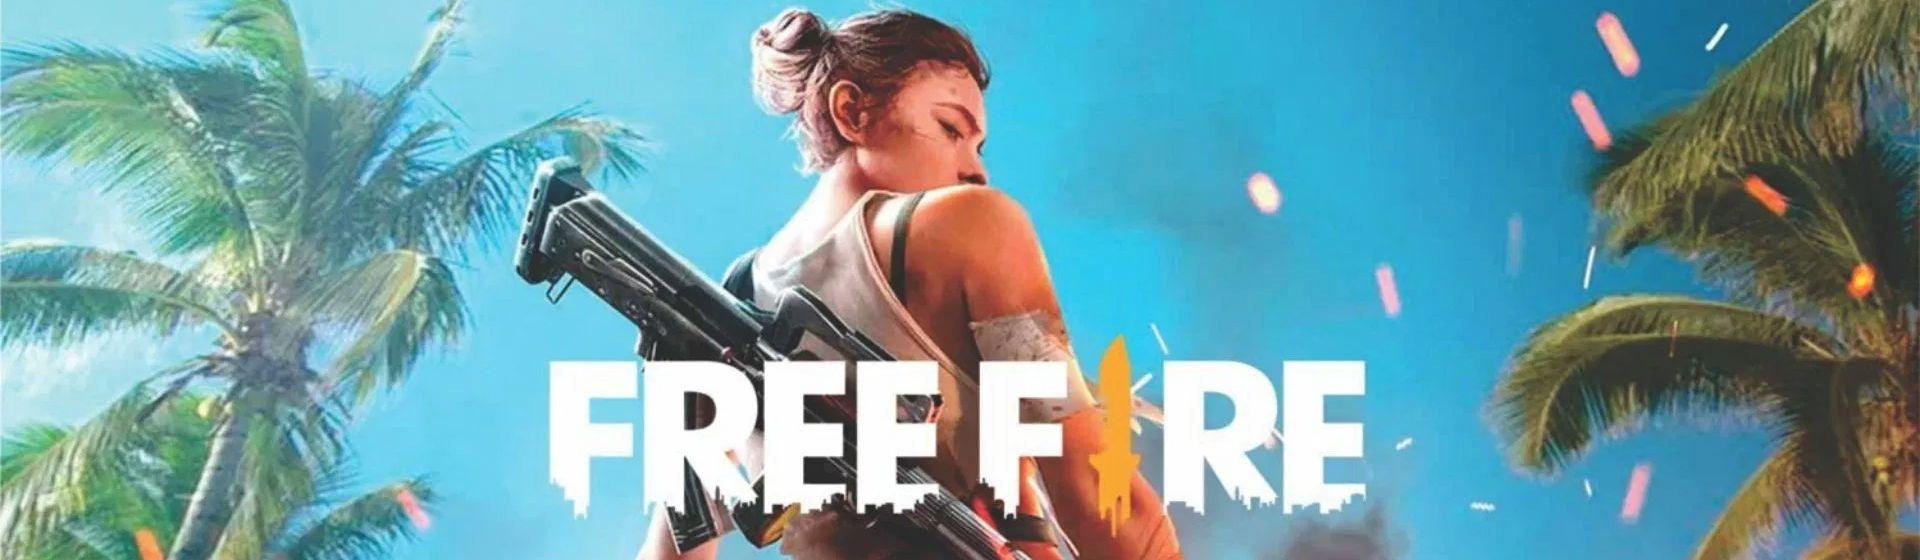 Como jogar Free Fire? Saiba fazer o download e dicas para se dar bem